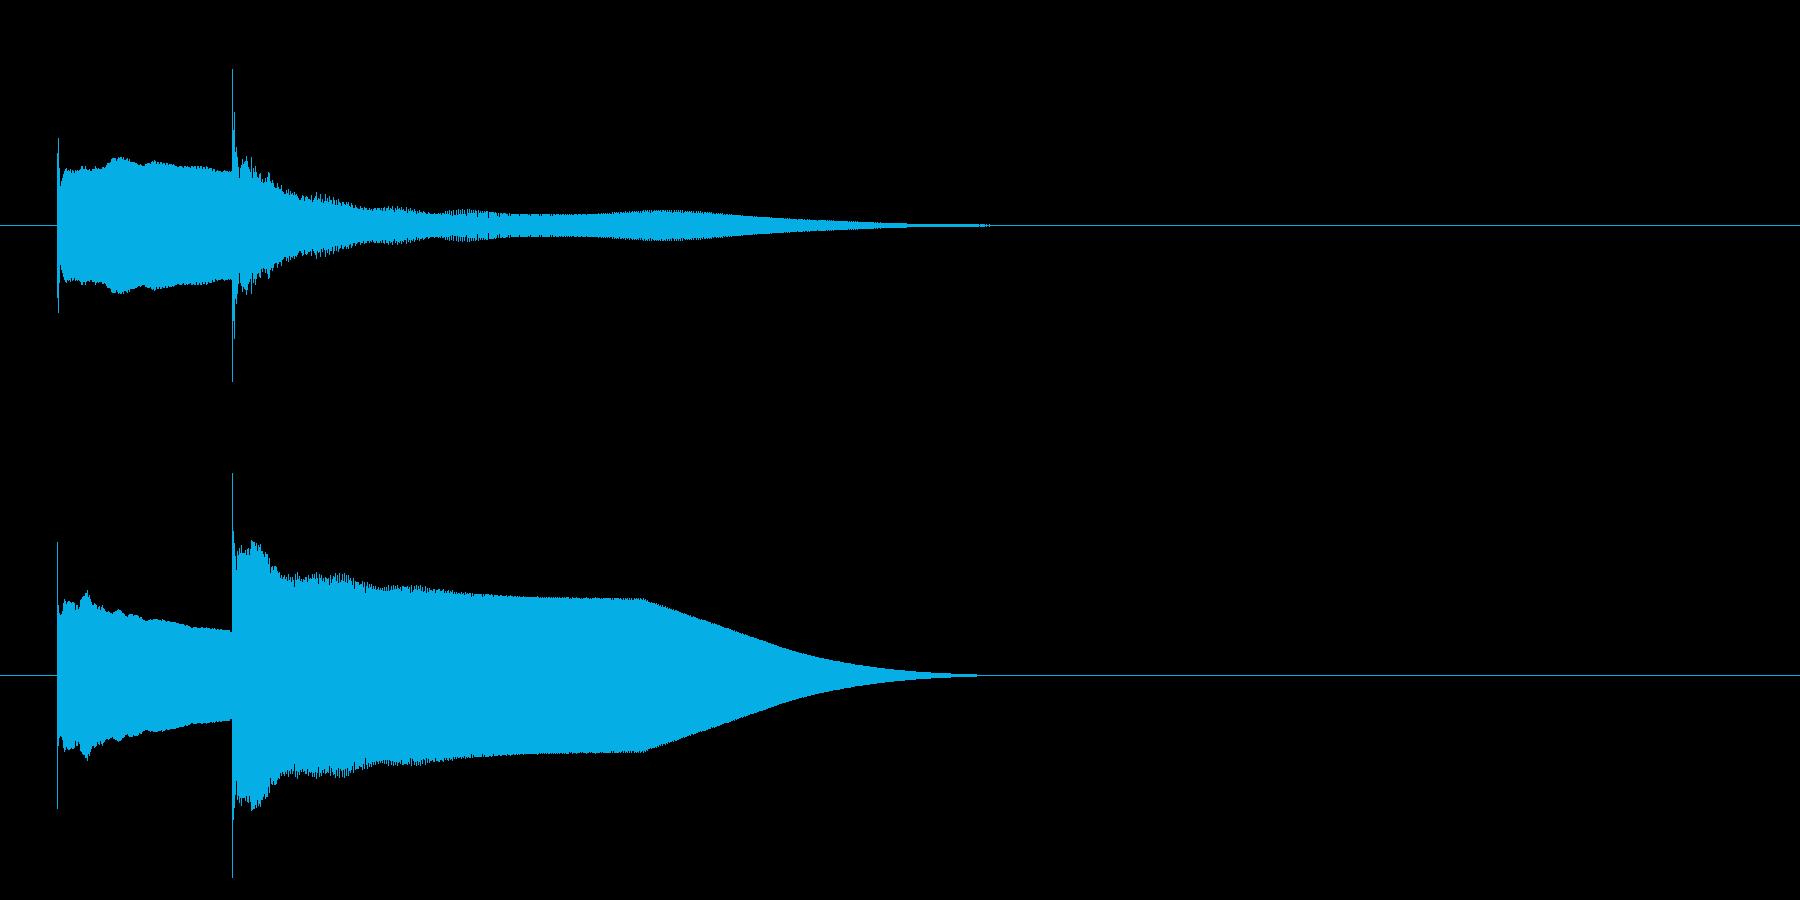 グロッケン系 キャンセル音3(小)の再生済みの波形